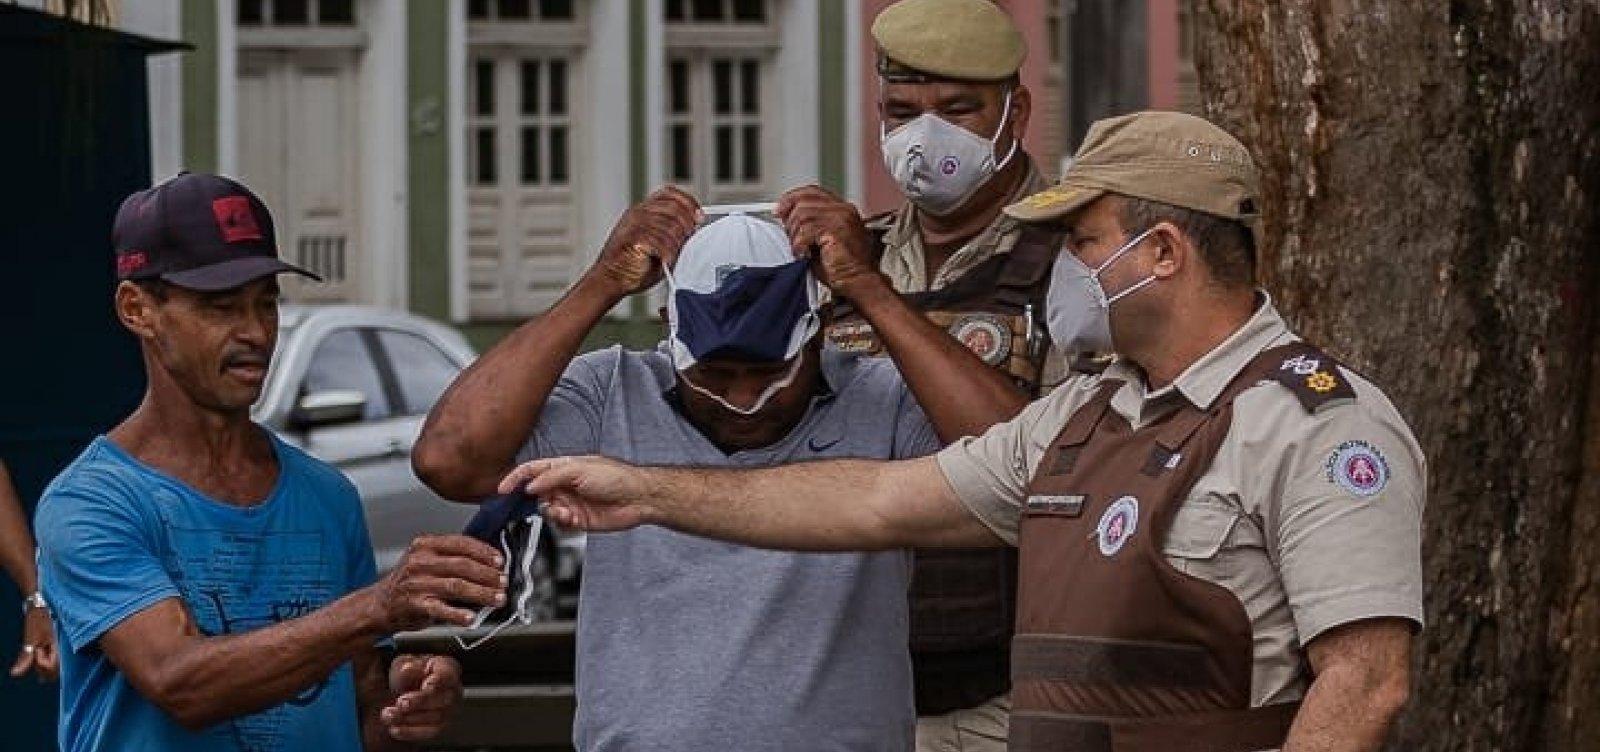 [PM's são orientados a usar máscaras, manter vidros das viaturas abertos e outras medidas contra Covid-19]